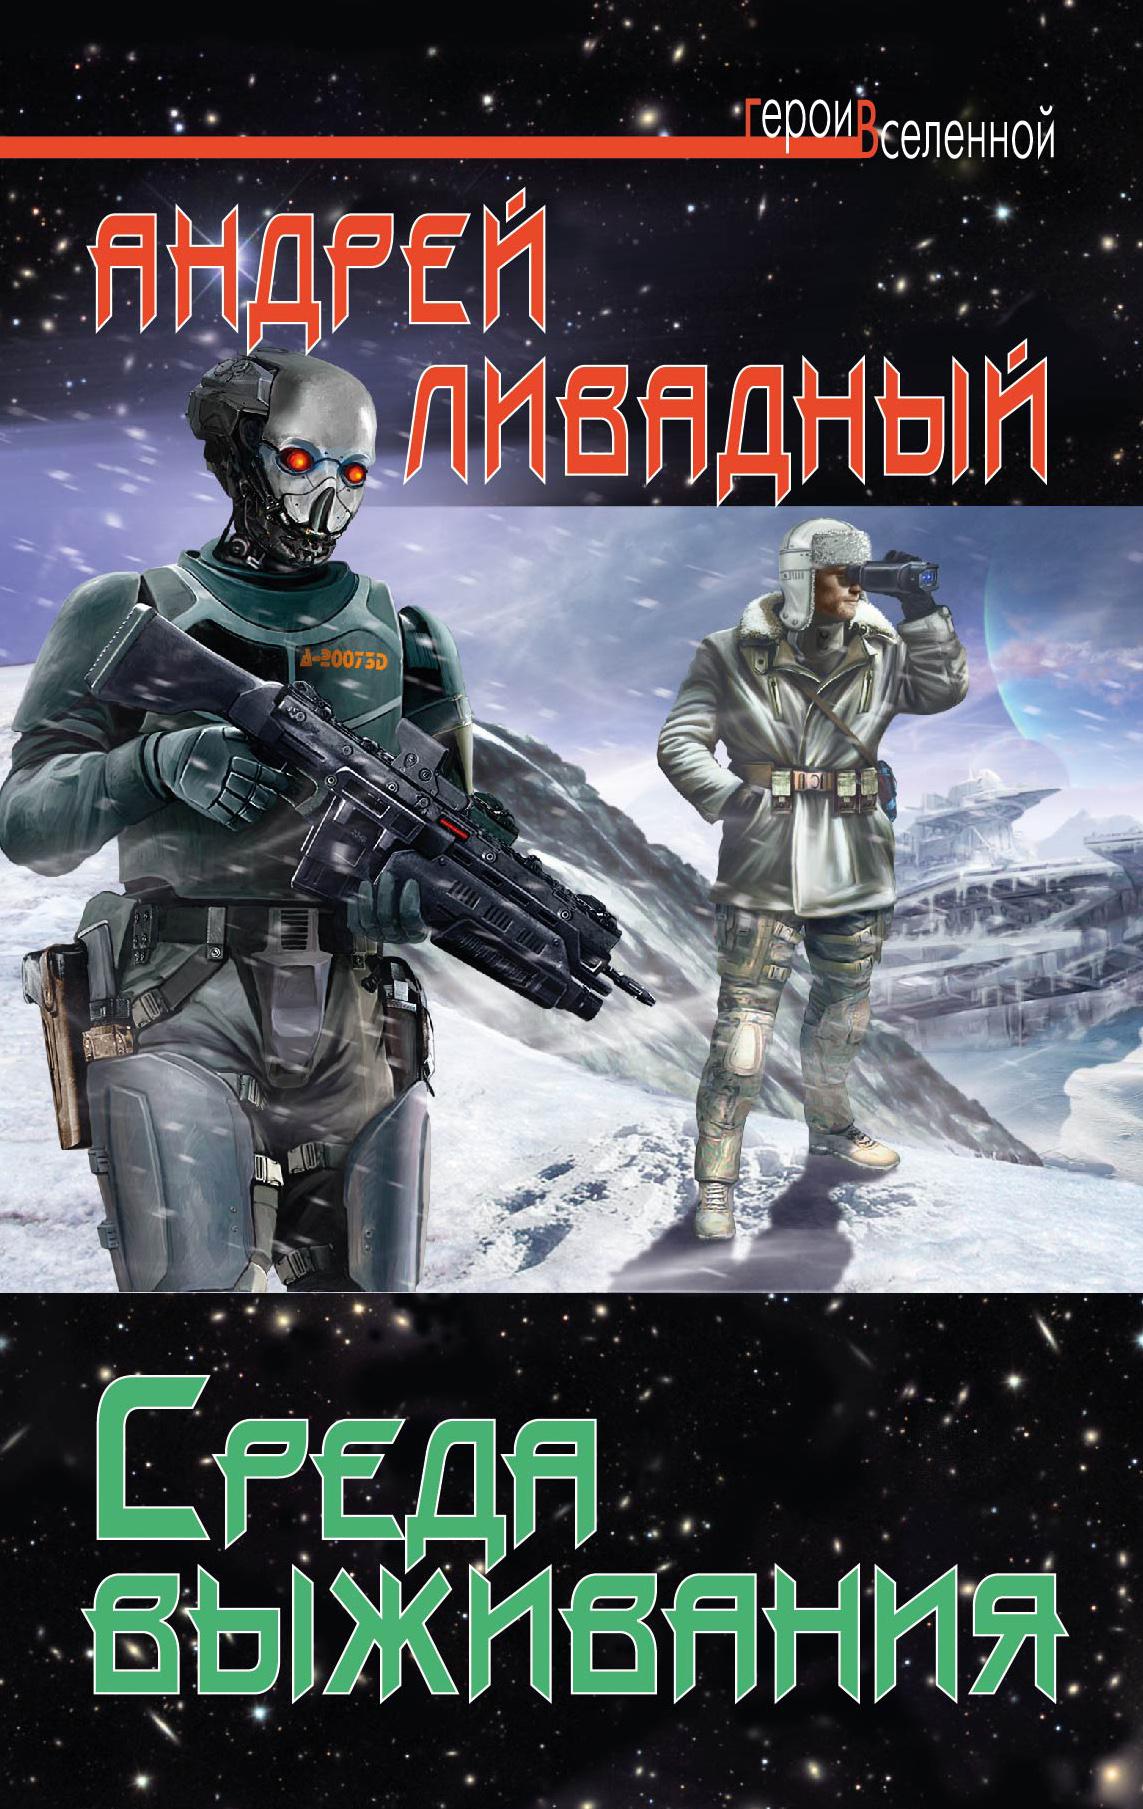 Андрей Ливадный Среда выживания